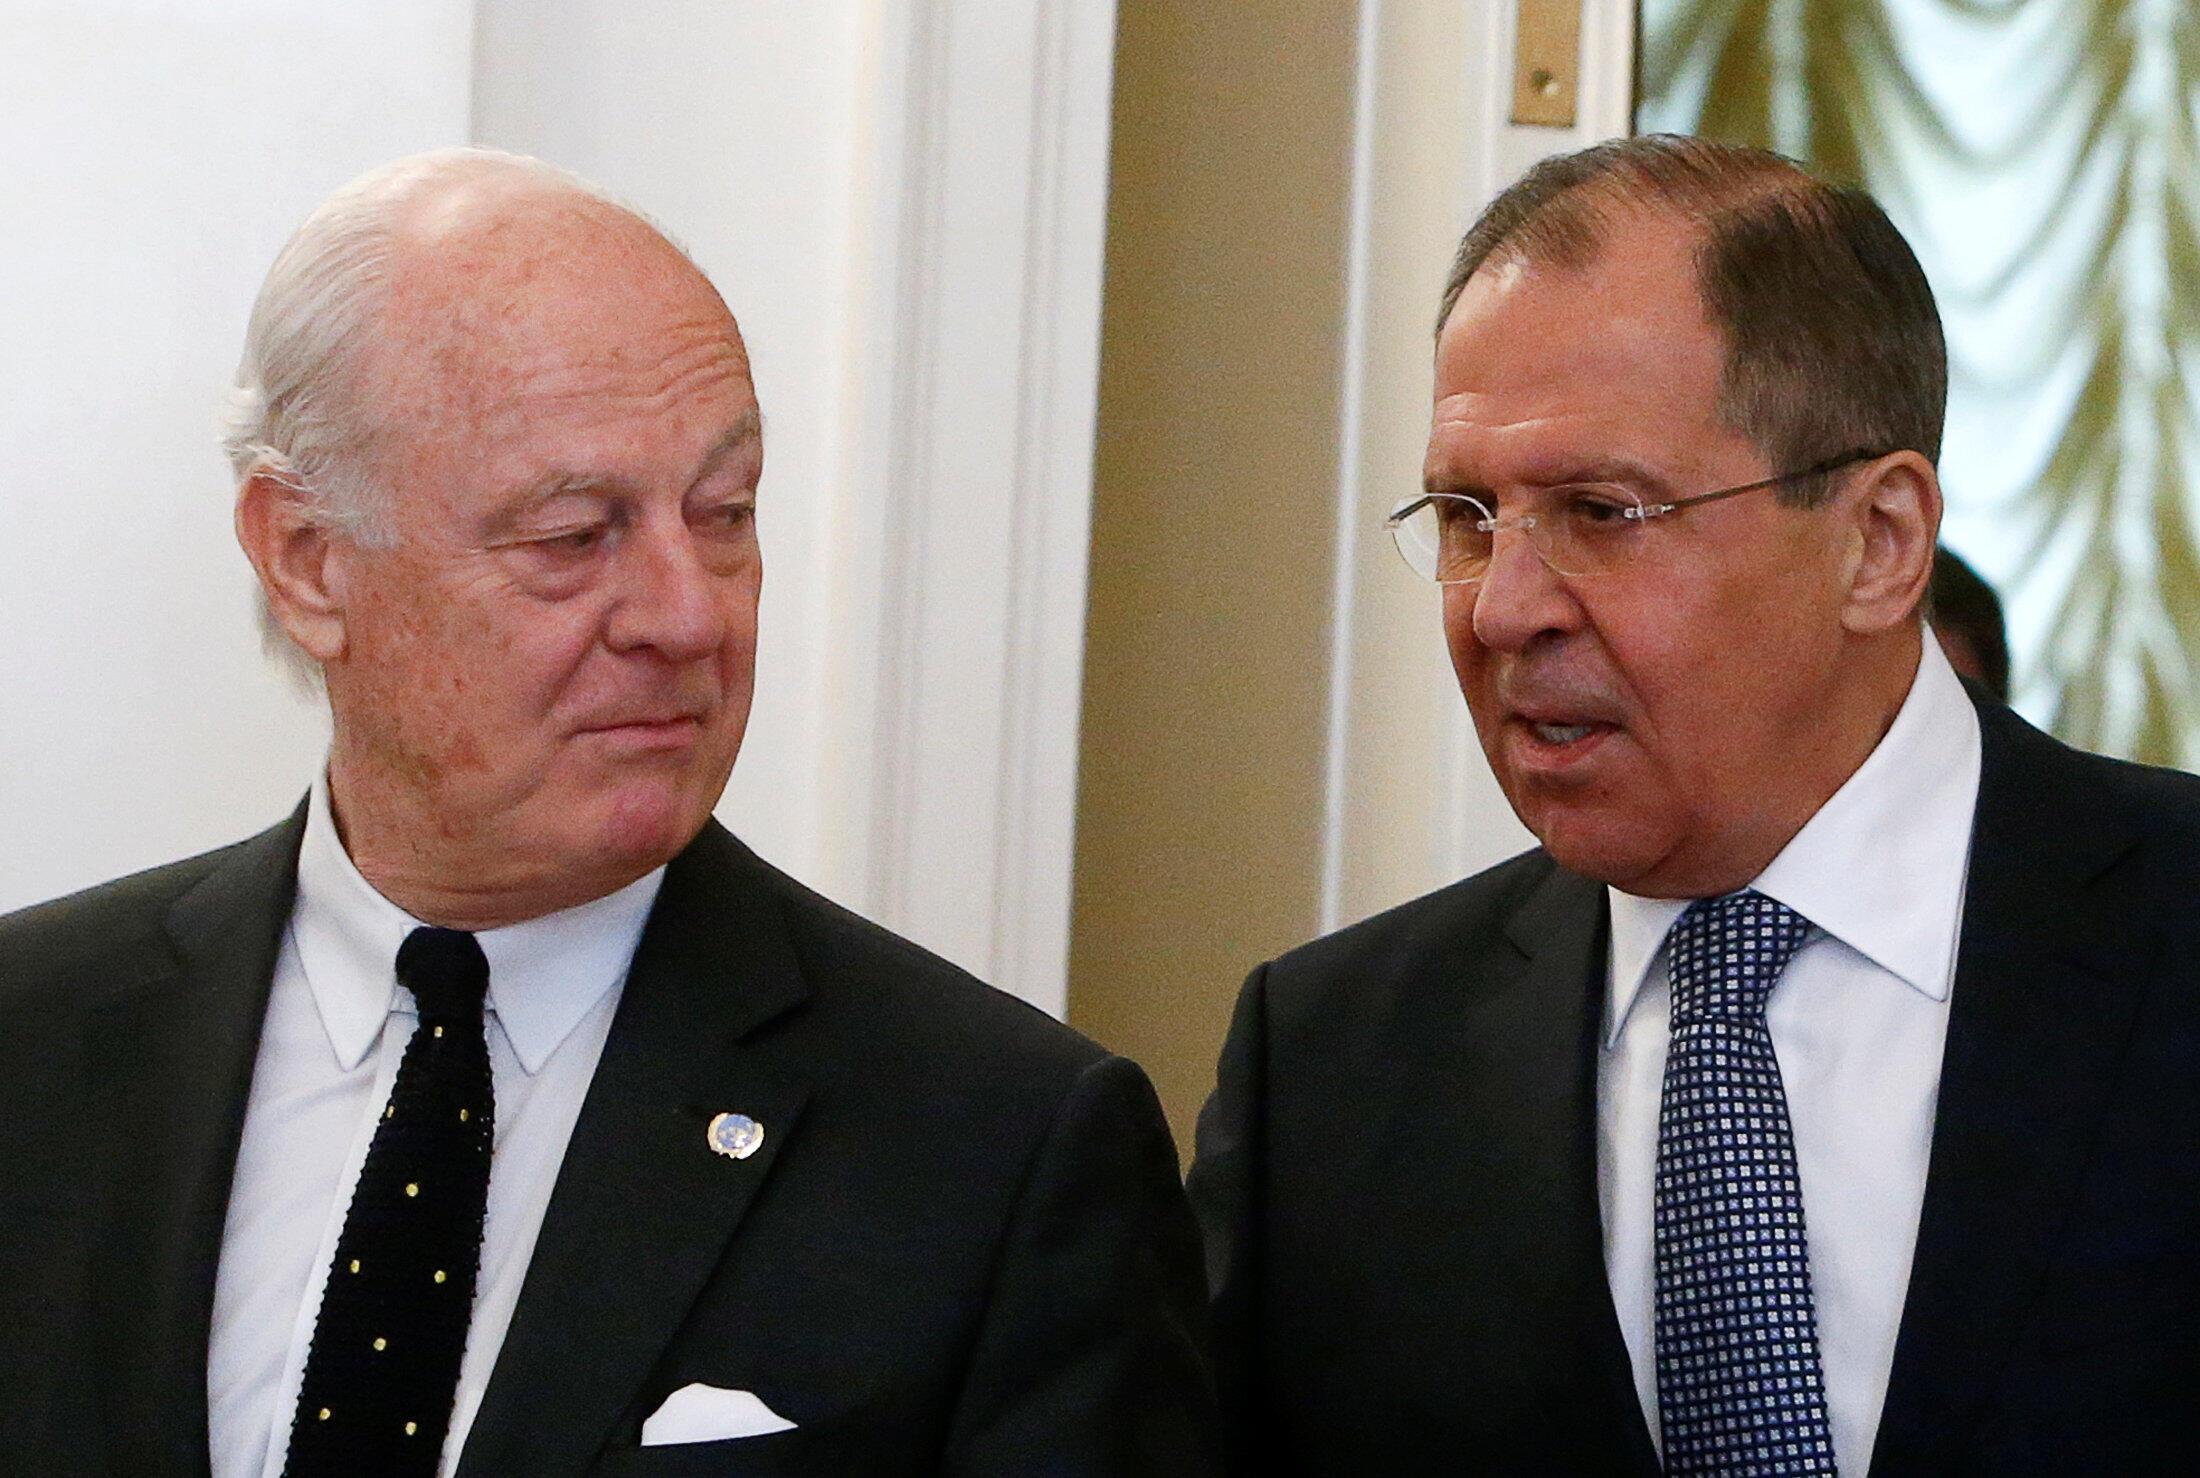 O chanceler russo, Sergei Lavrov (R) e o enviado especial da ONU a Síria Staffan de, durante uma reunião em Moscou, Rússia, 03 de maio de 2016.